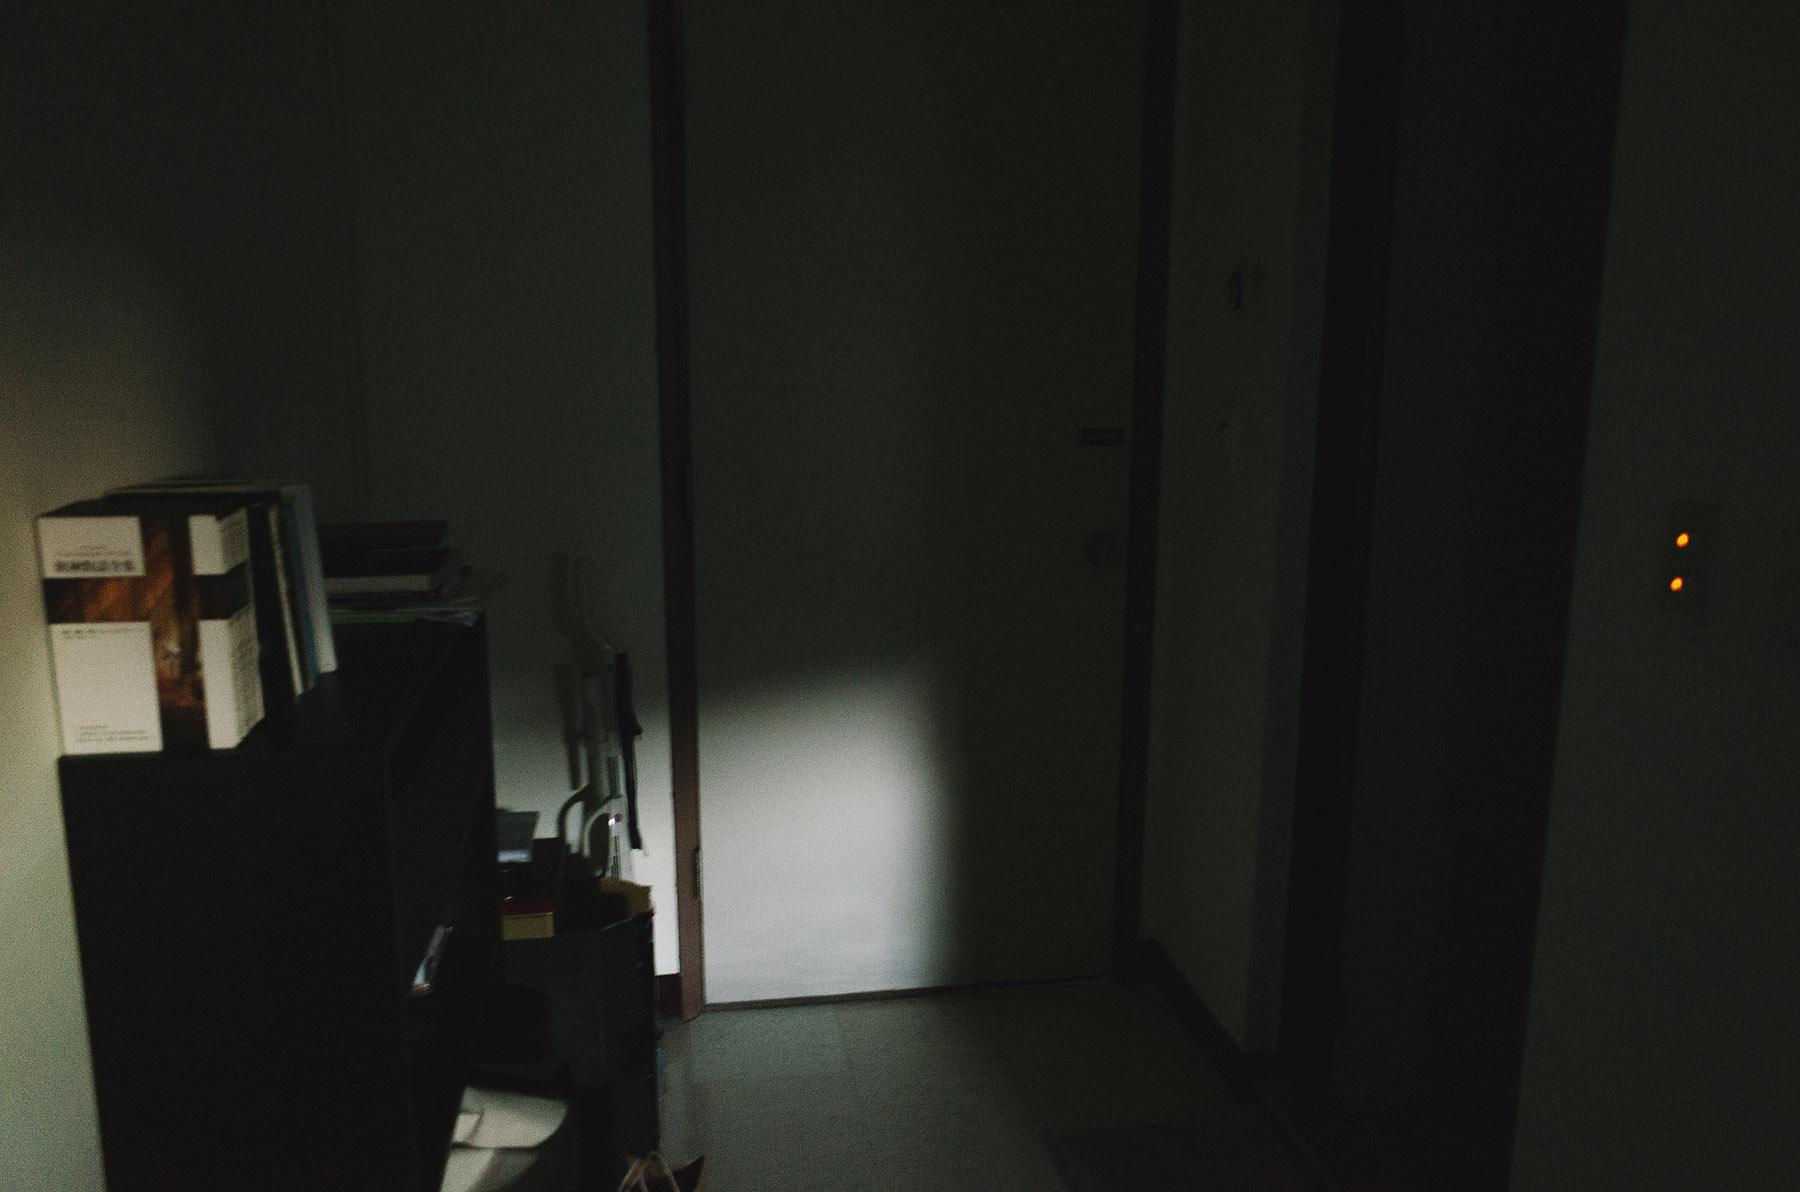 光,light,心象攝影,時光寶盒,記憶,房間